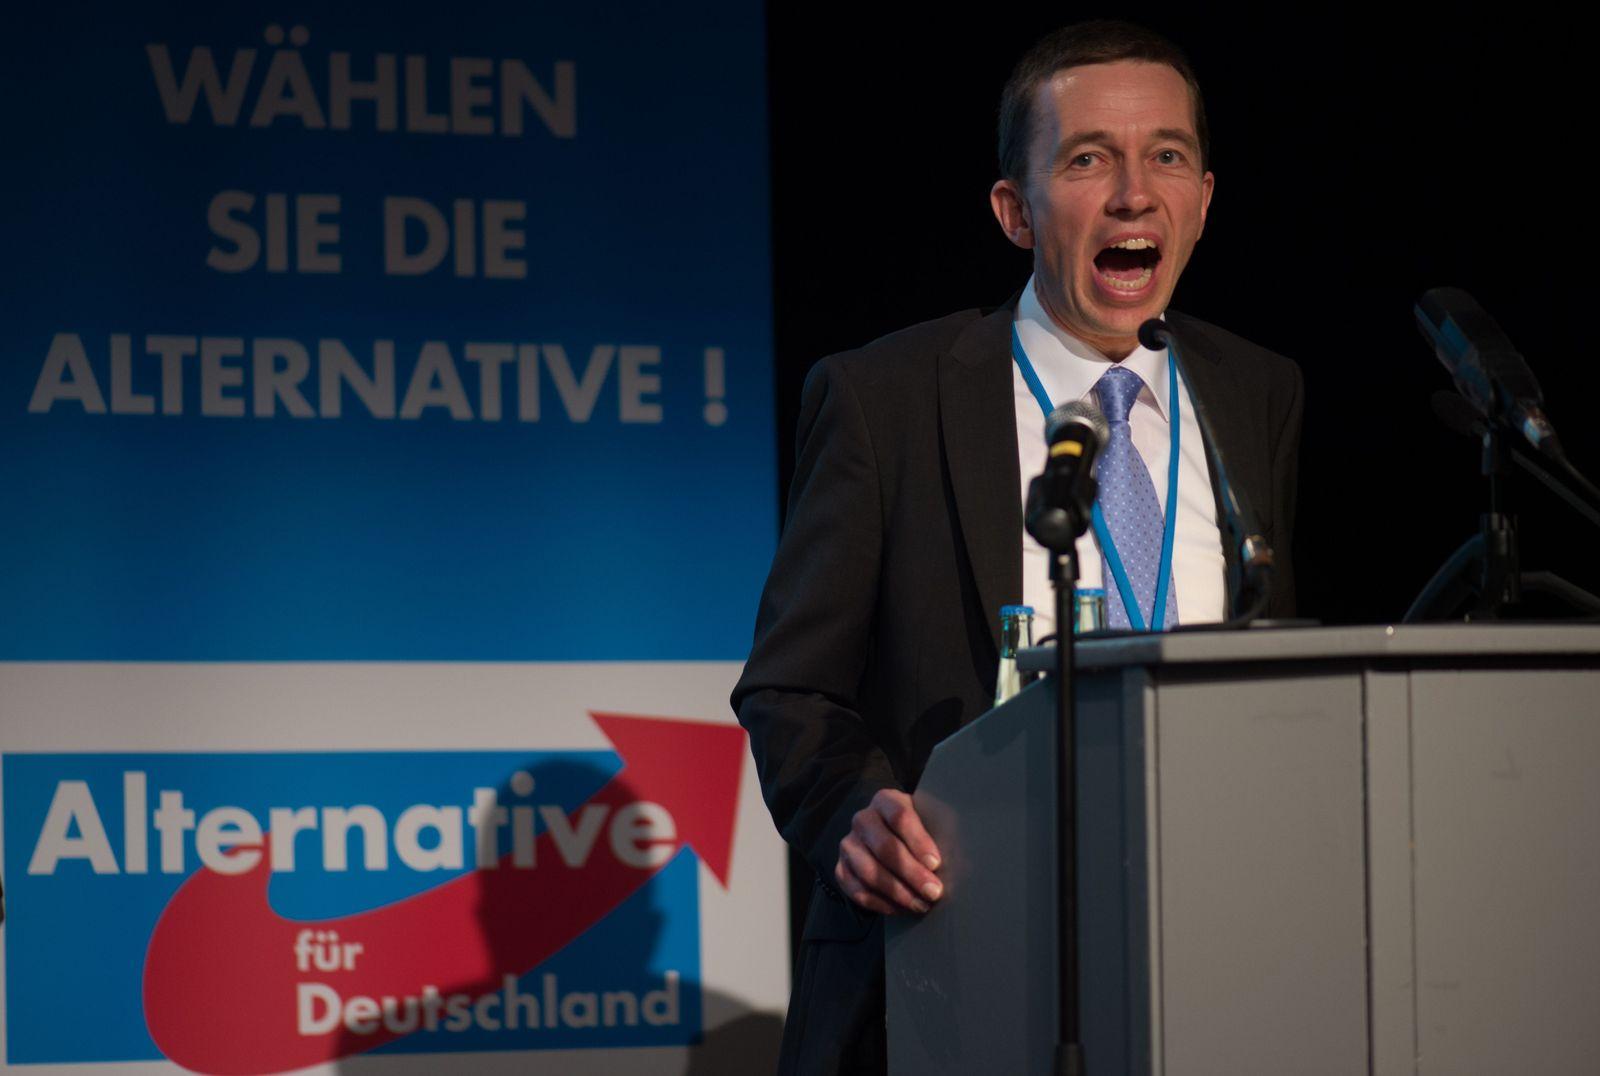 Bernd Lucke / alternative für Deutschland